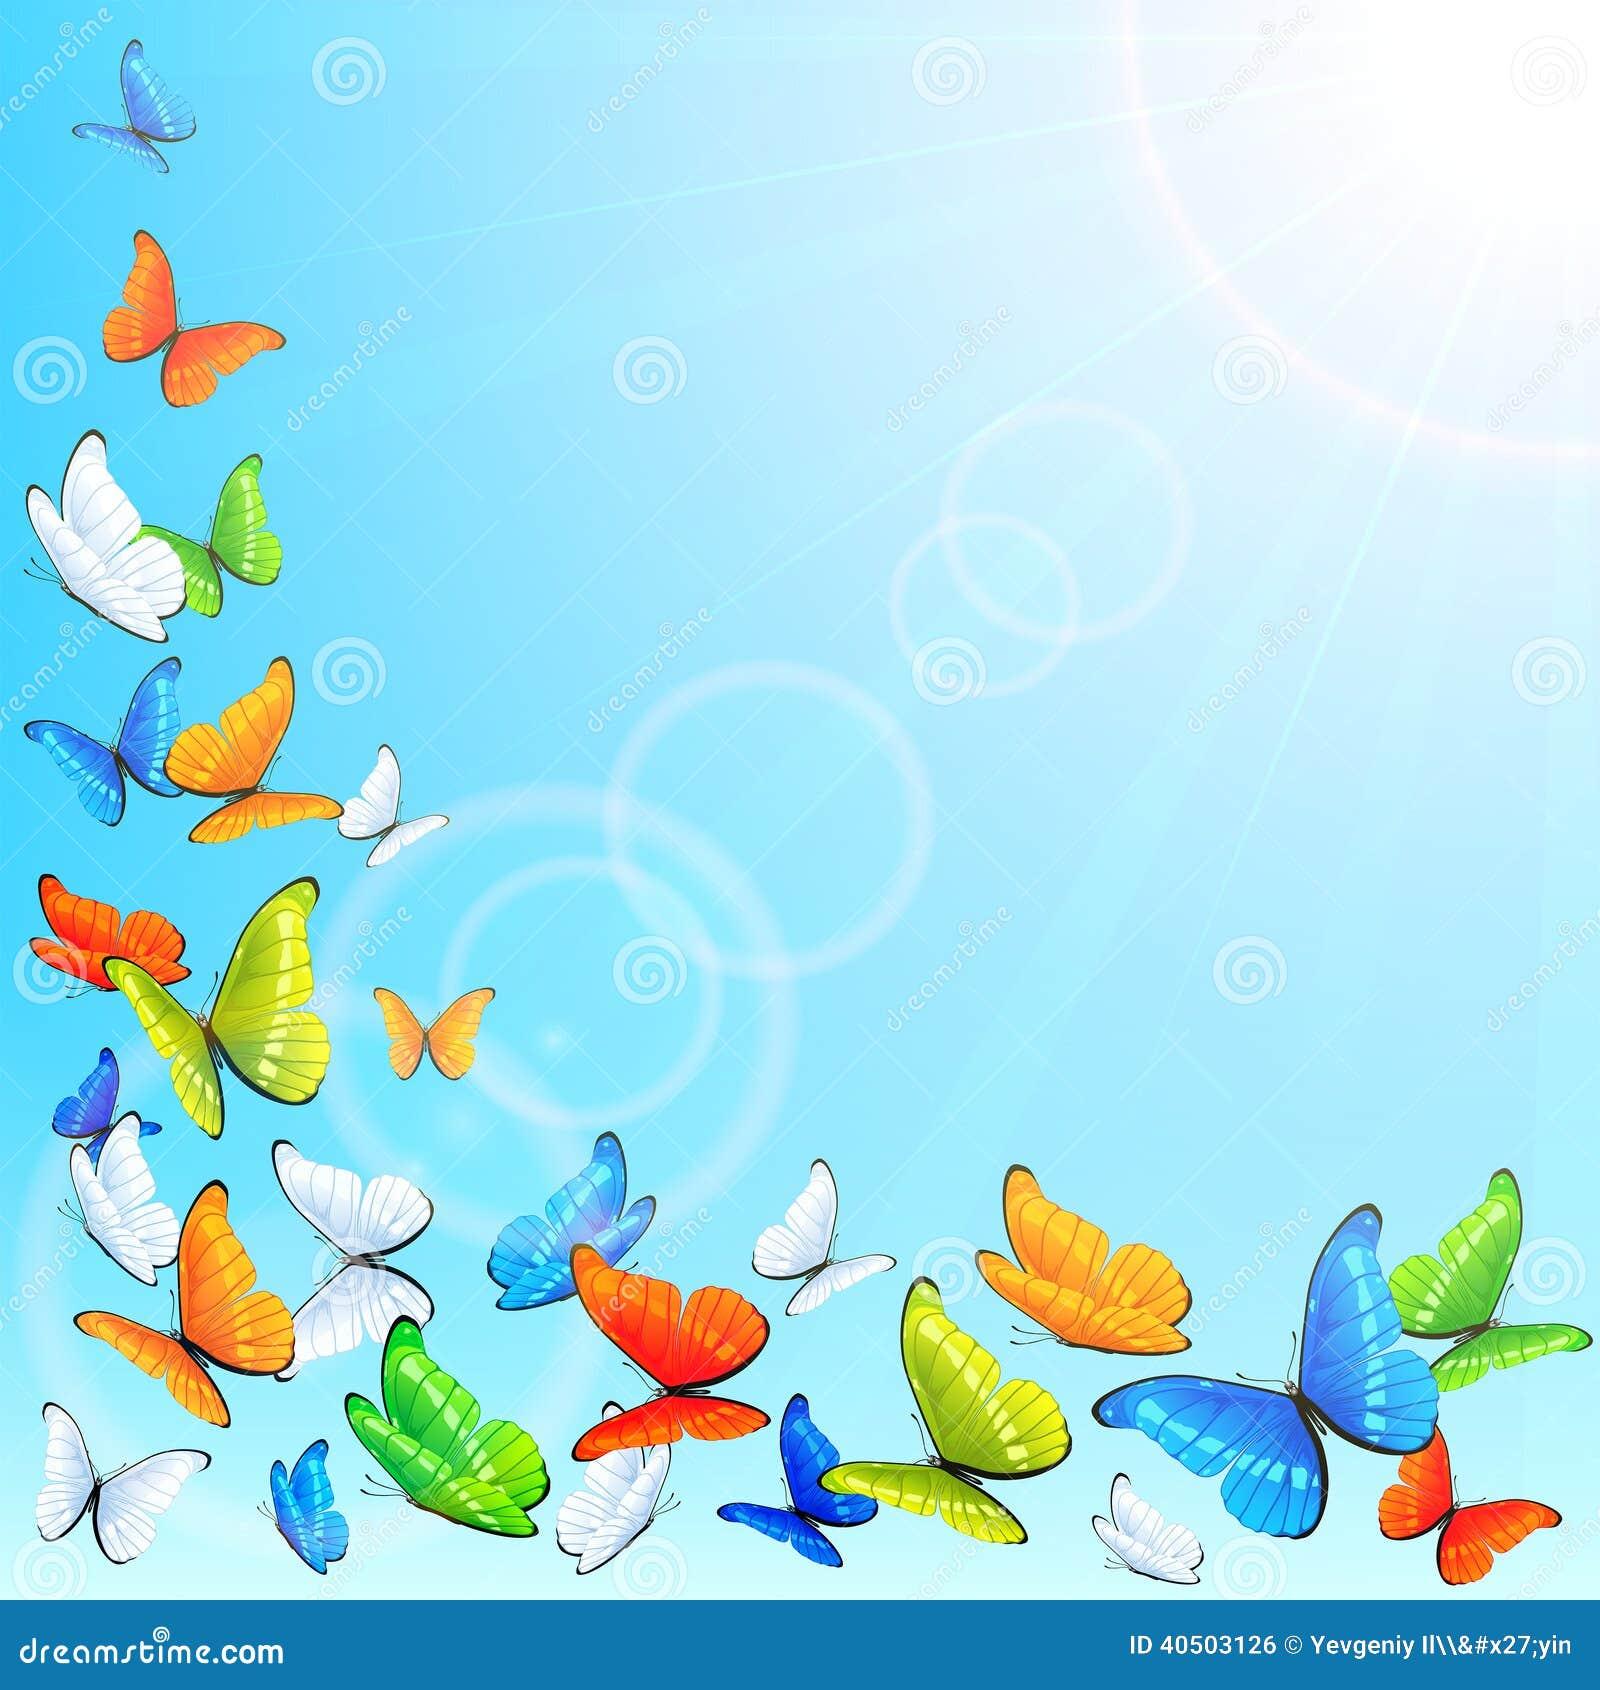 Farfalle di volo illustrazione vettoriale illustrazione for Immagini farfalle per desktop